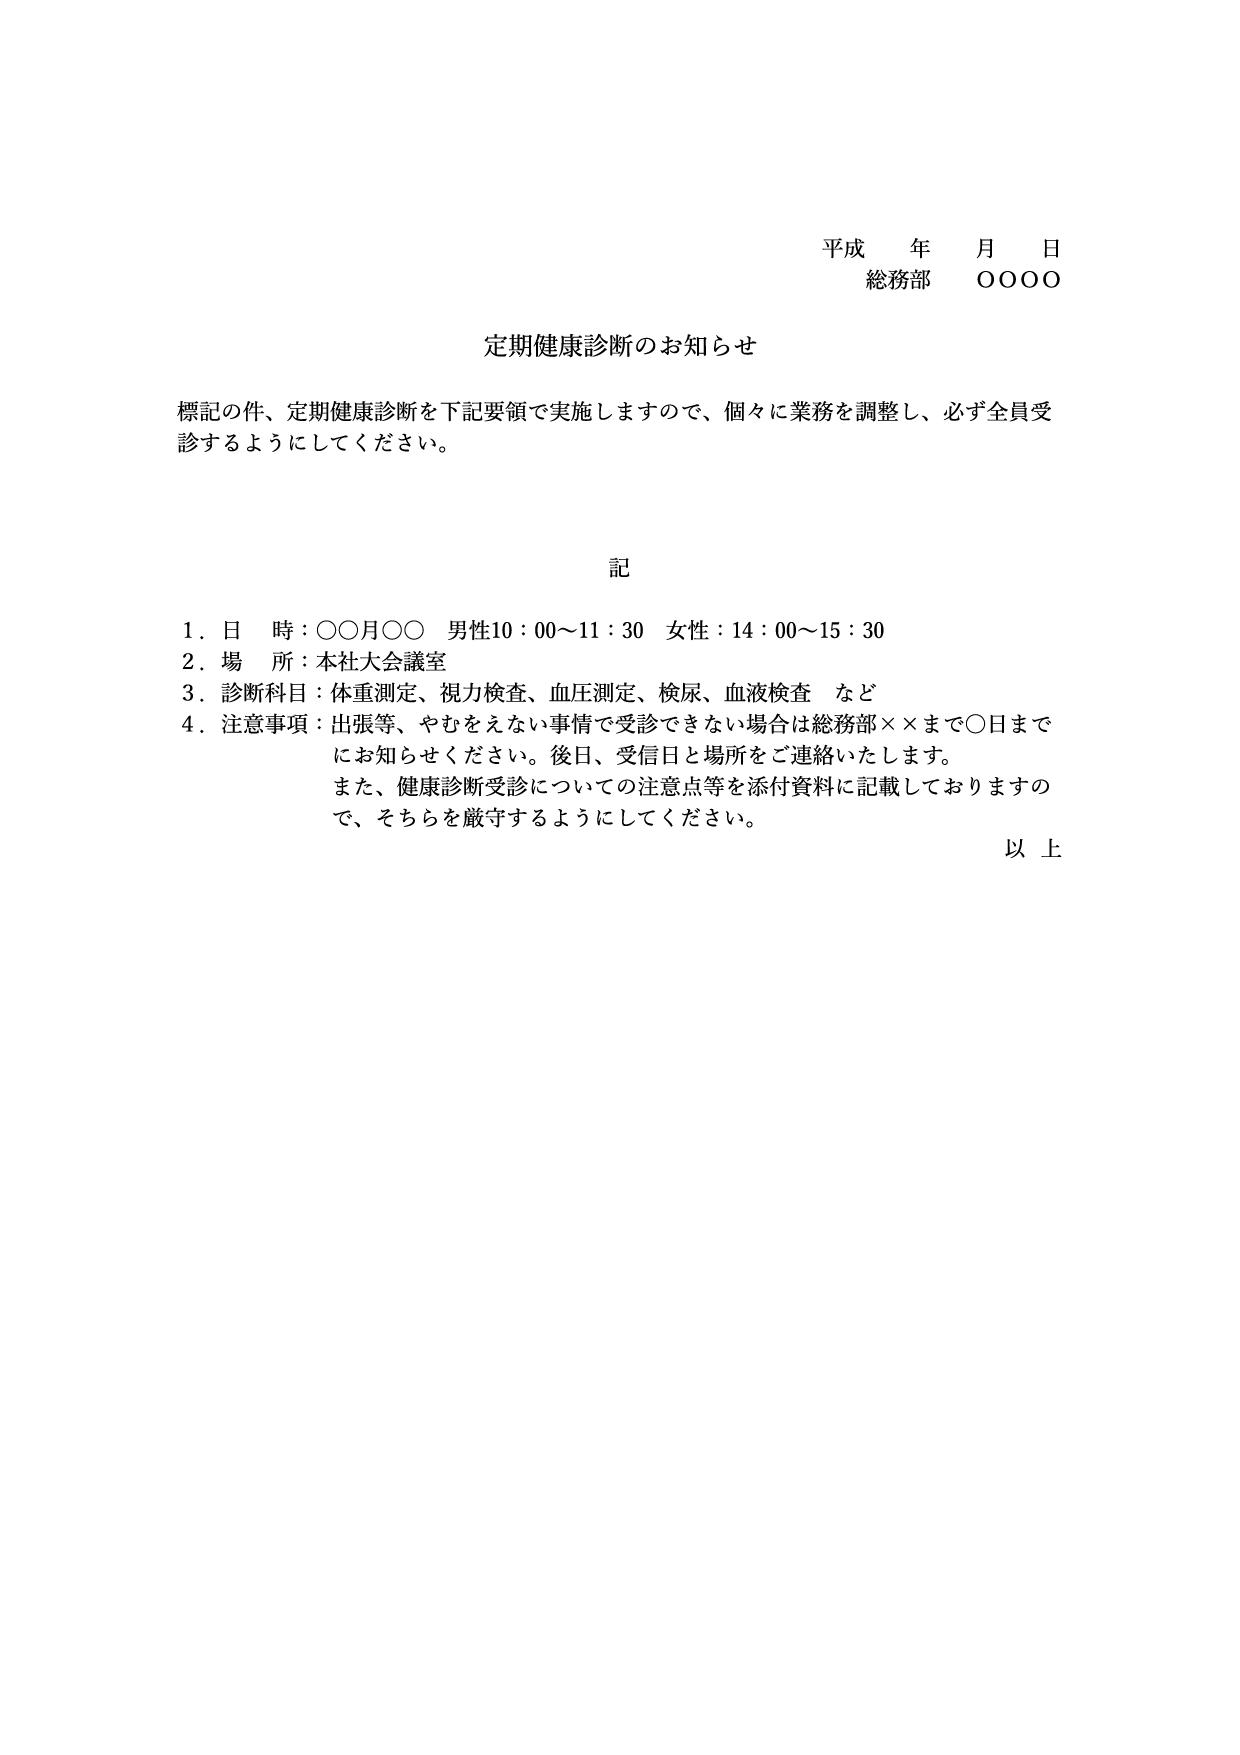 通知書テンプレート 総務連絡『健康診断』(ワード・ページズ)